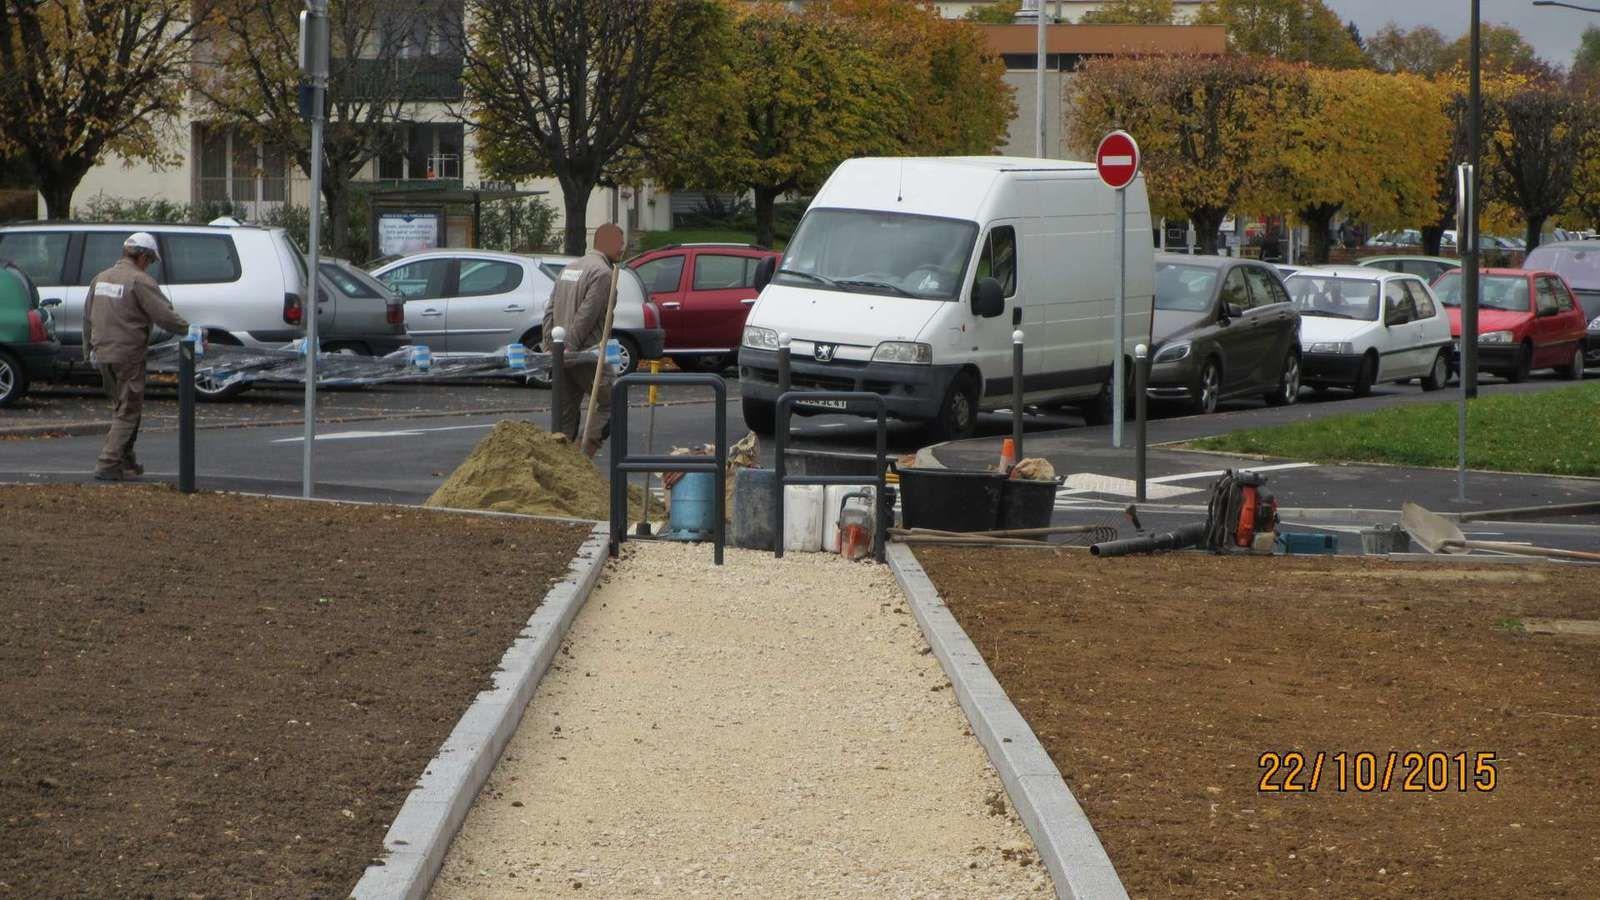 Entre les barrières métalliques et les outils du chantier, une personne en fauteuil ne passe pas !